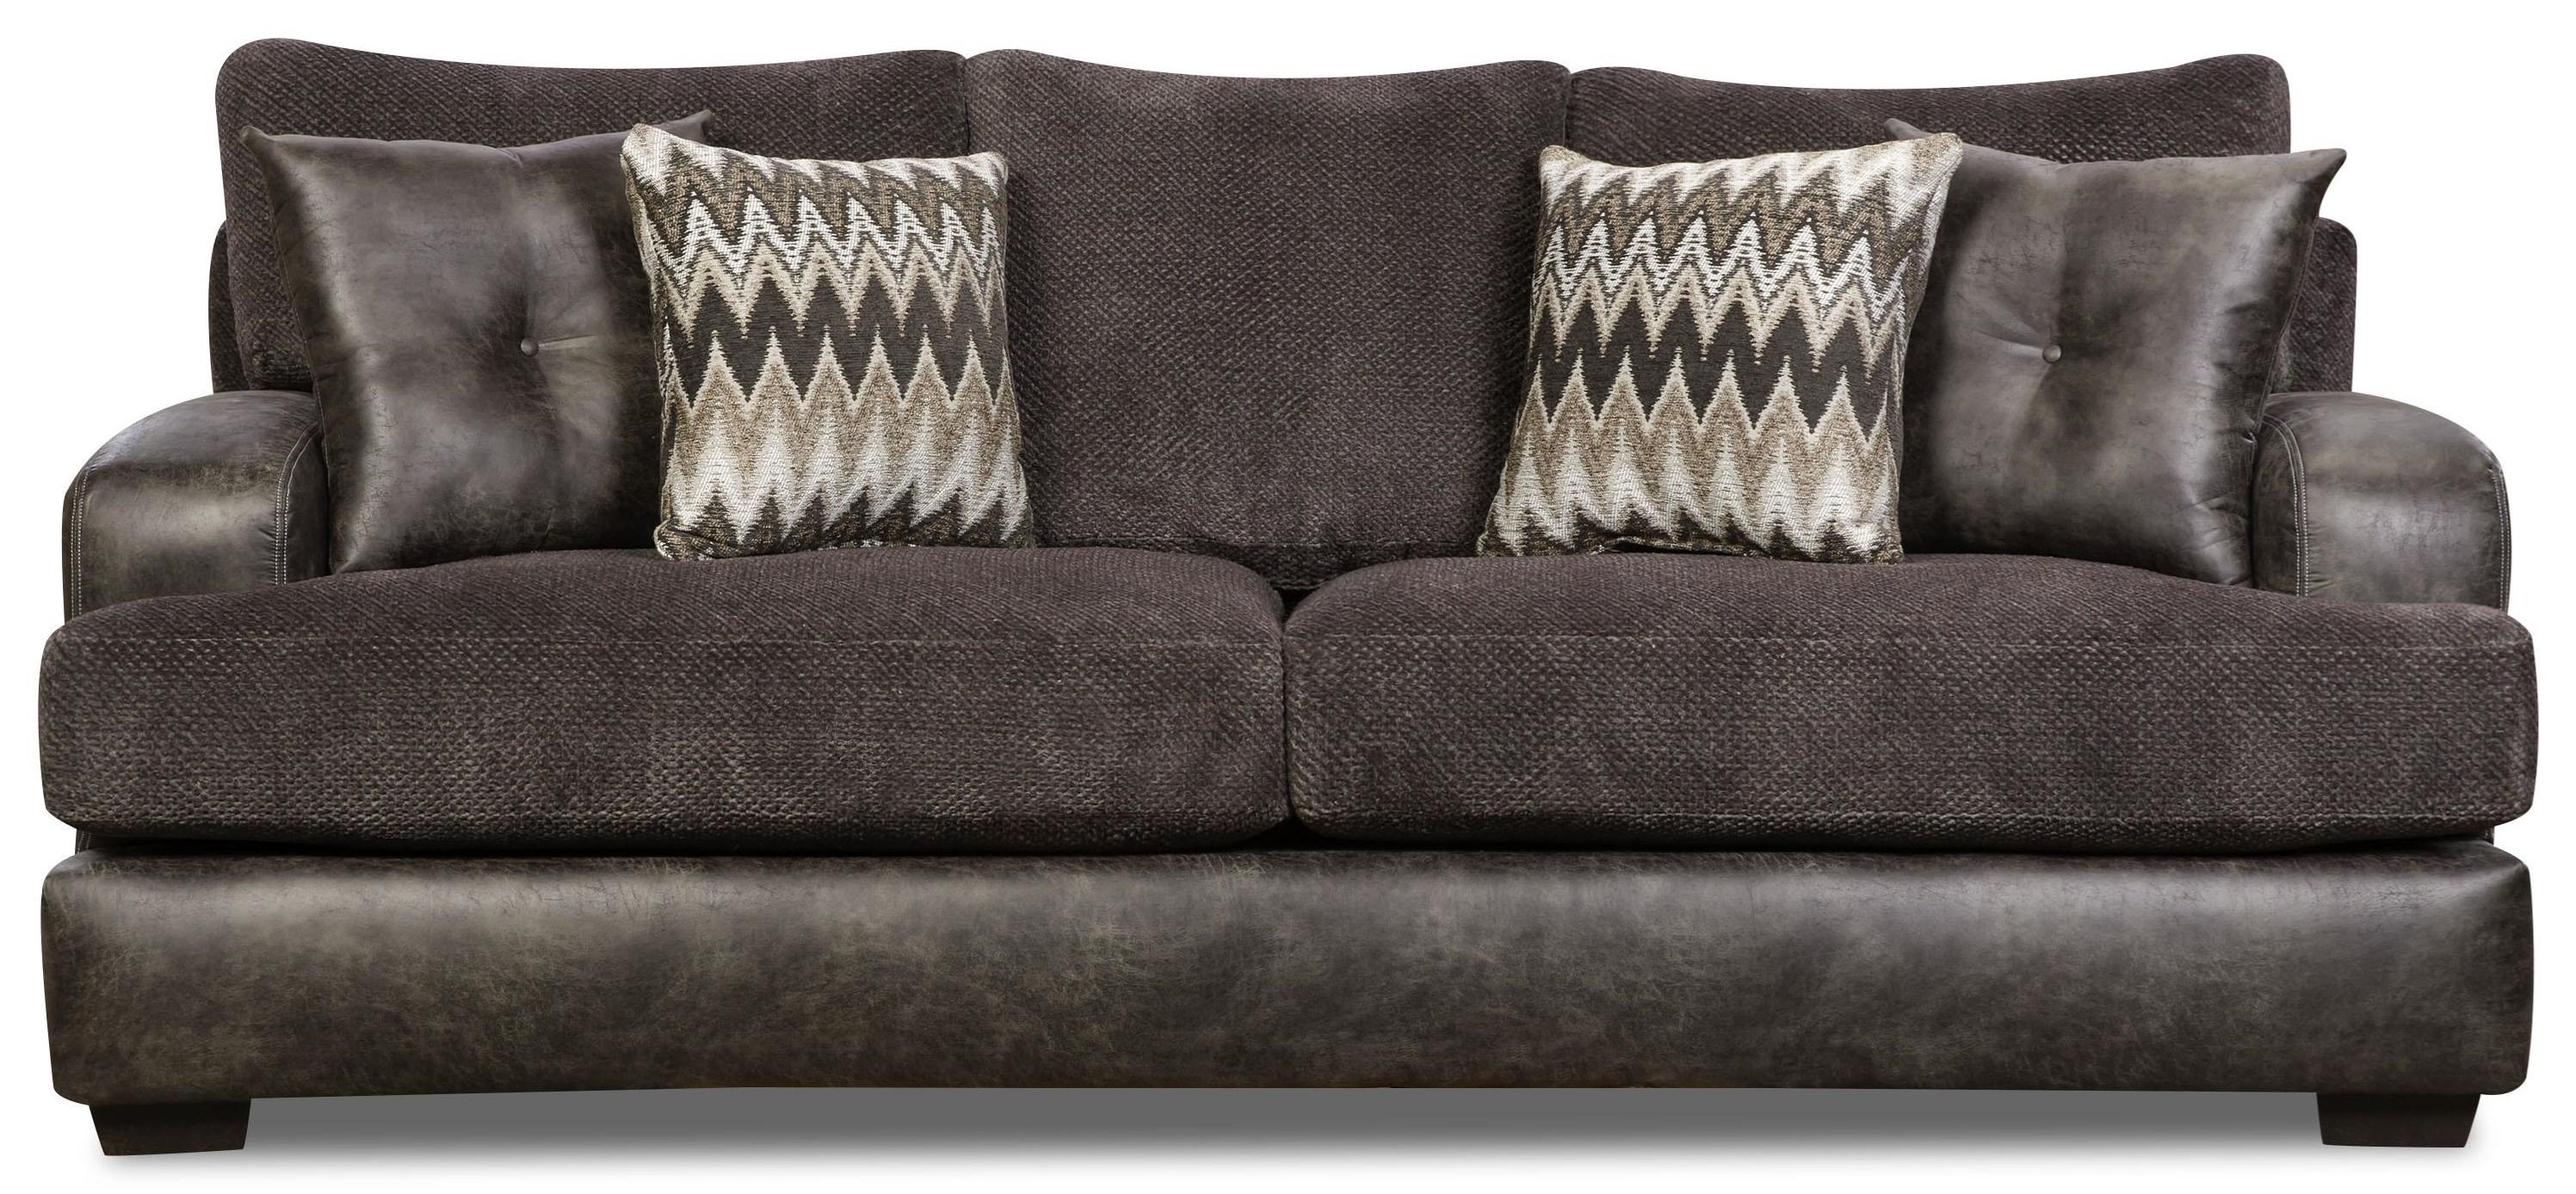 Smoke Sofa